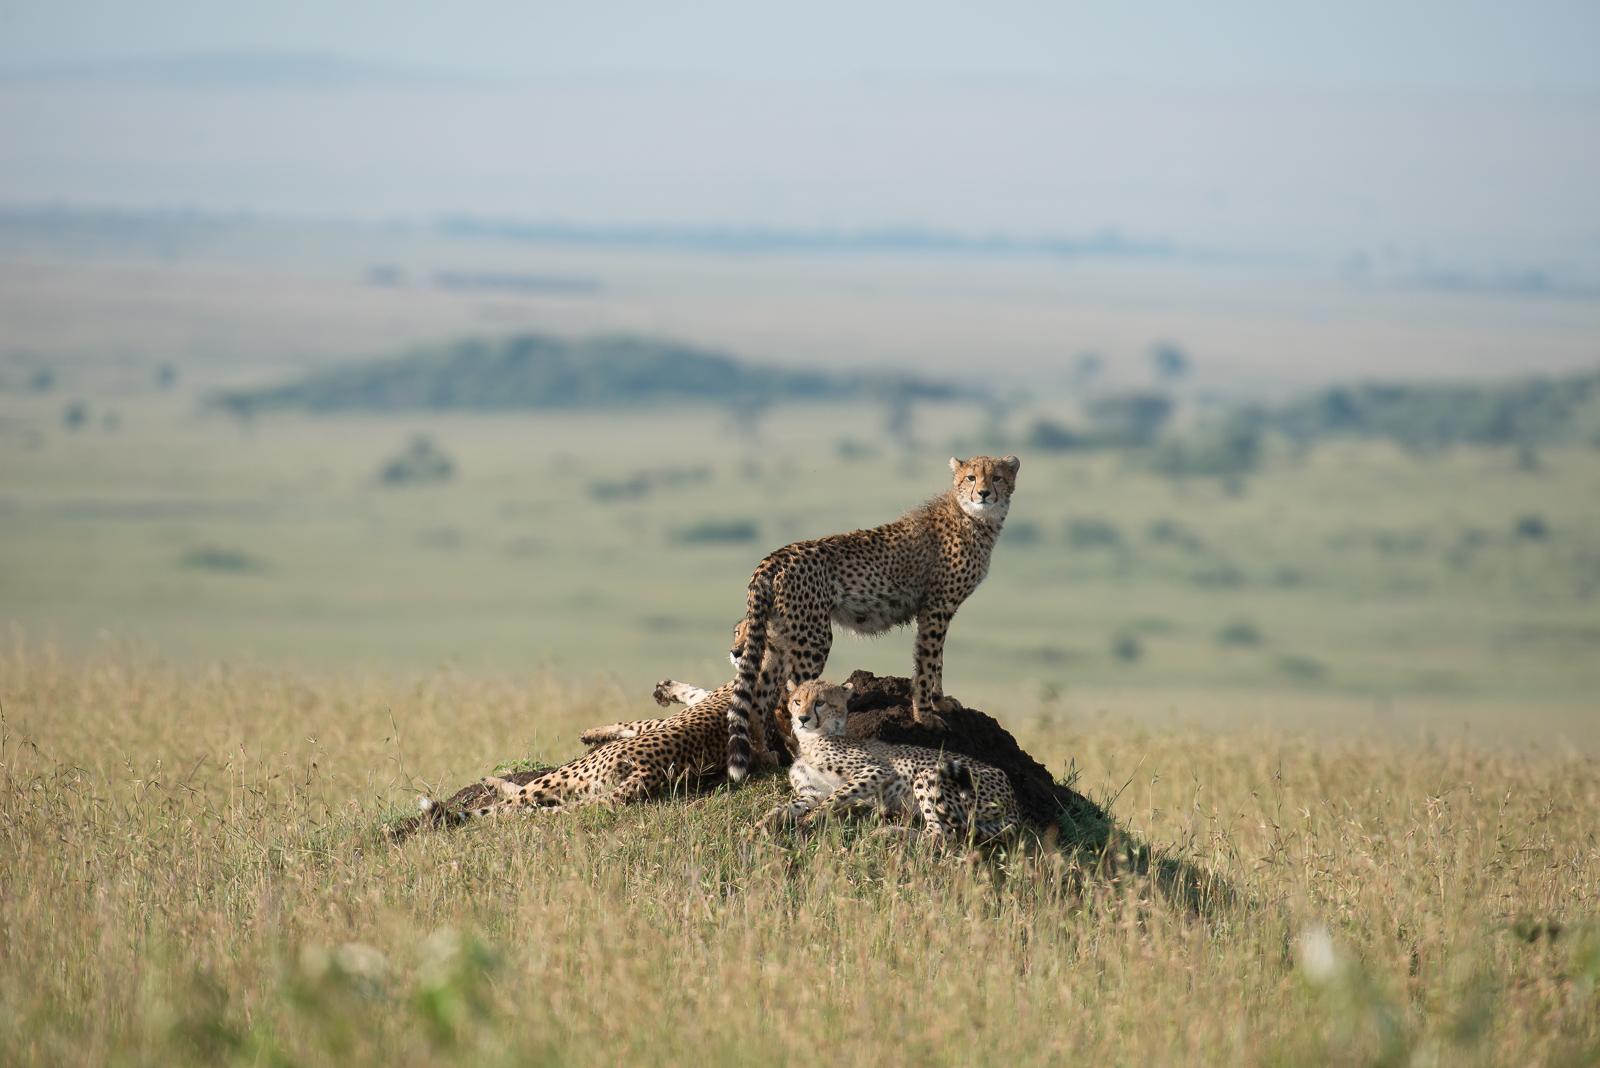 photo-workshop-safari-kenya-12.jpg